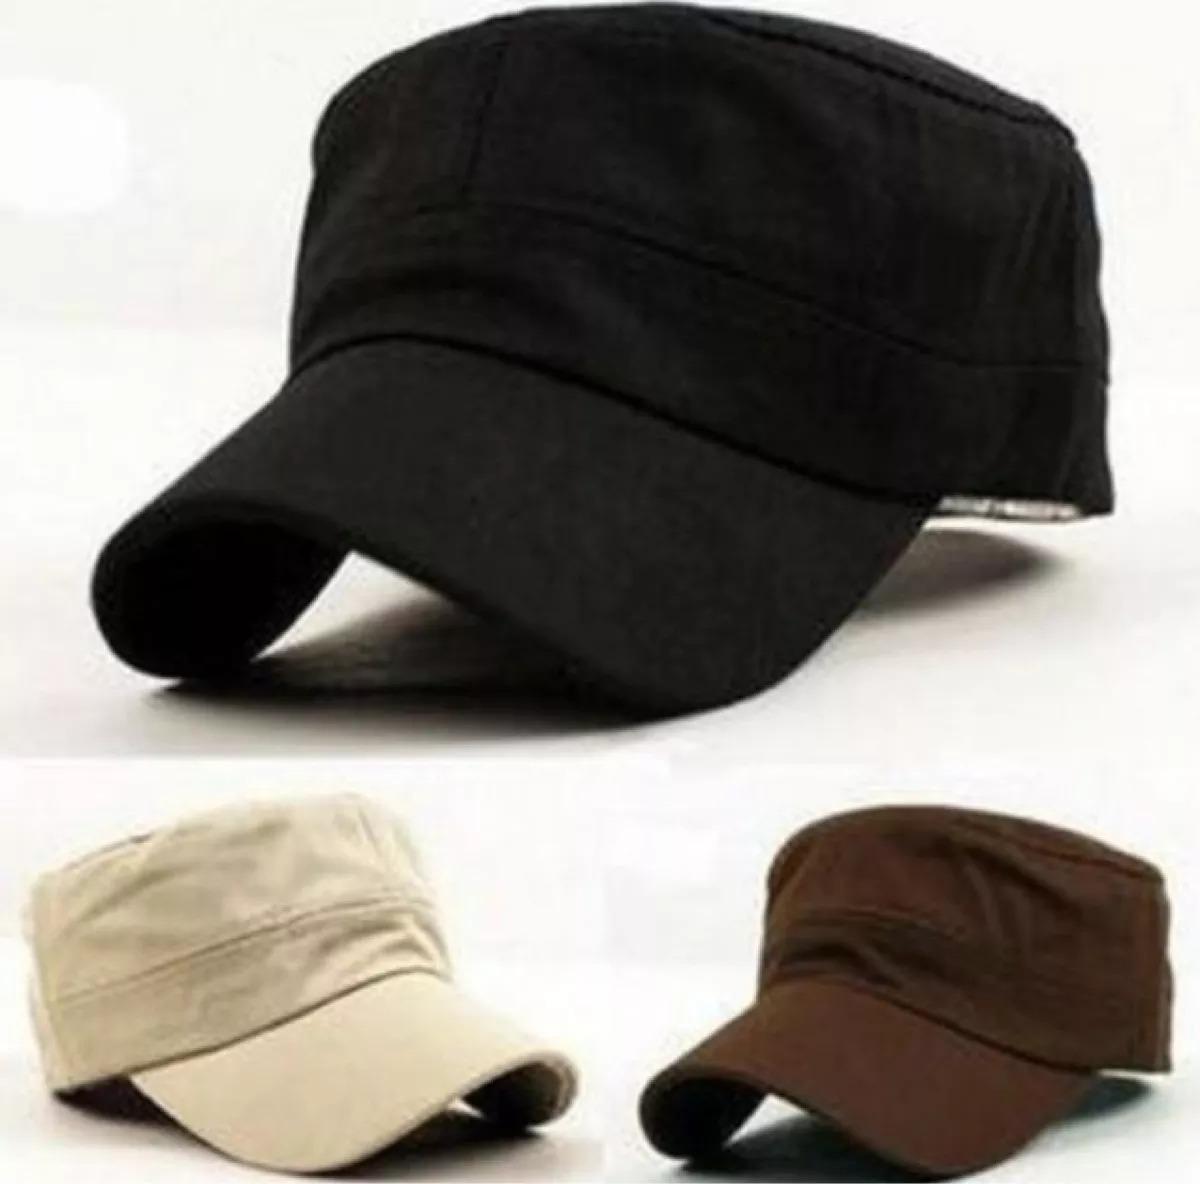 boné militar exército cubano americano importado chapéu. Carregando zoom. c53d7ce2ed4